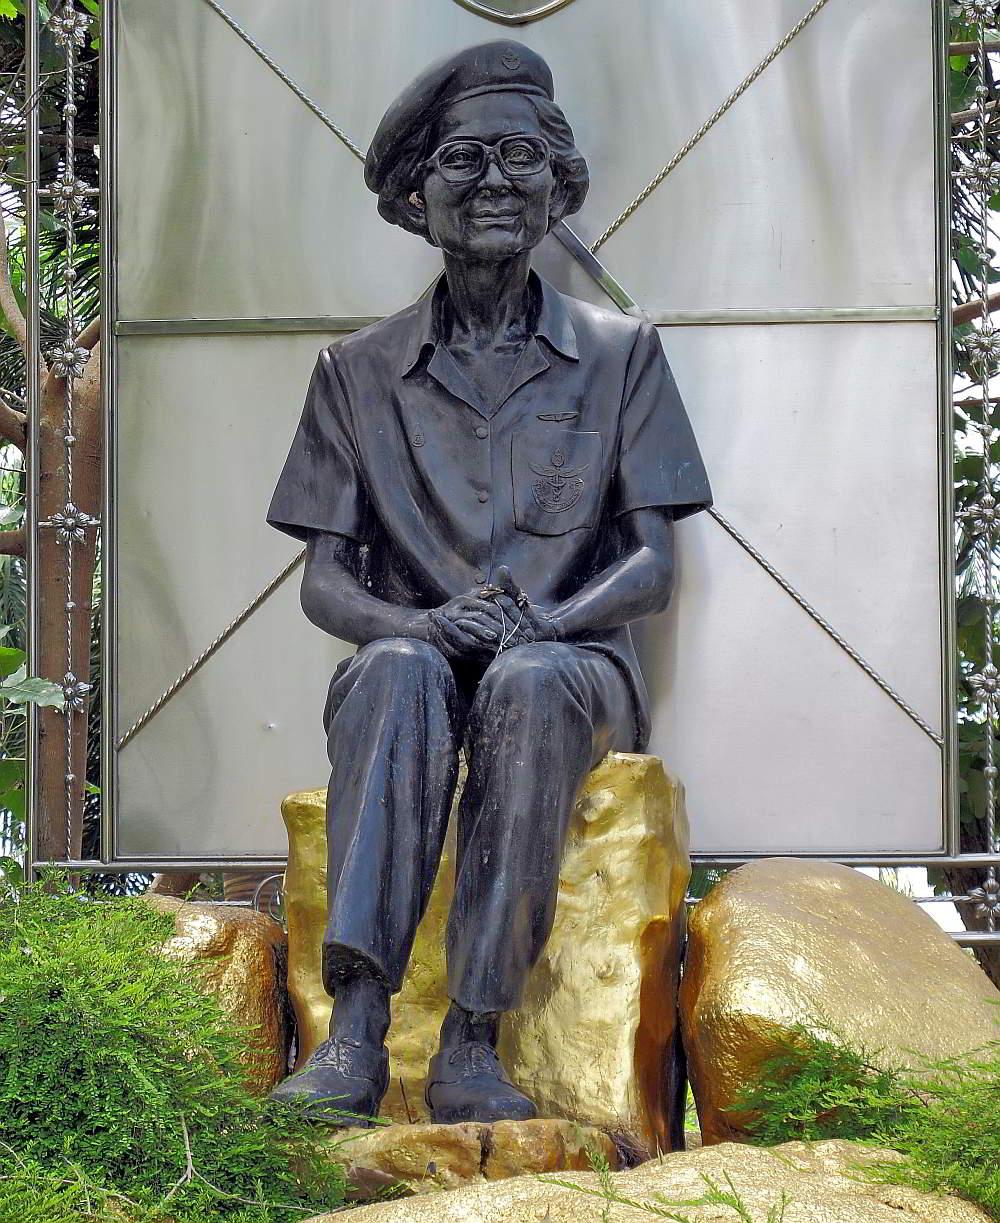 Princess Srinagarindra statue